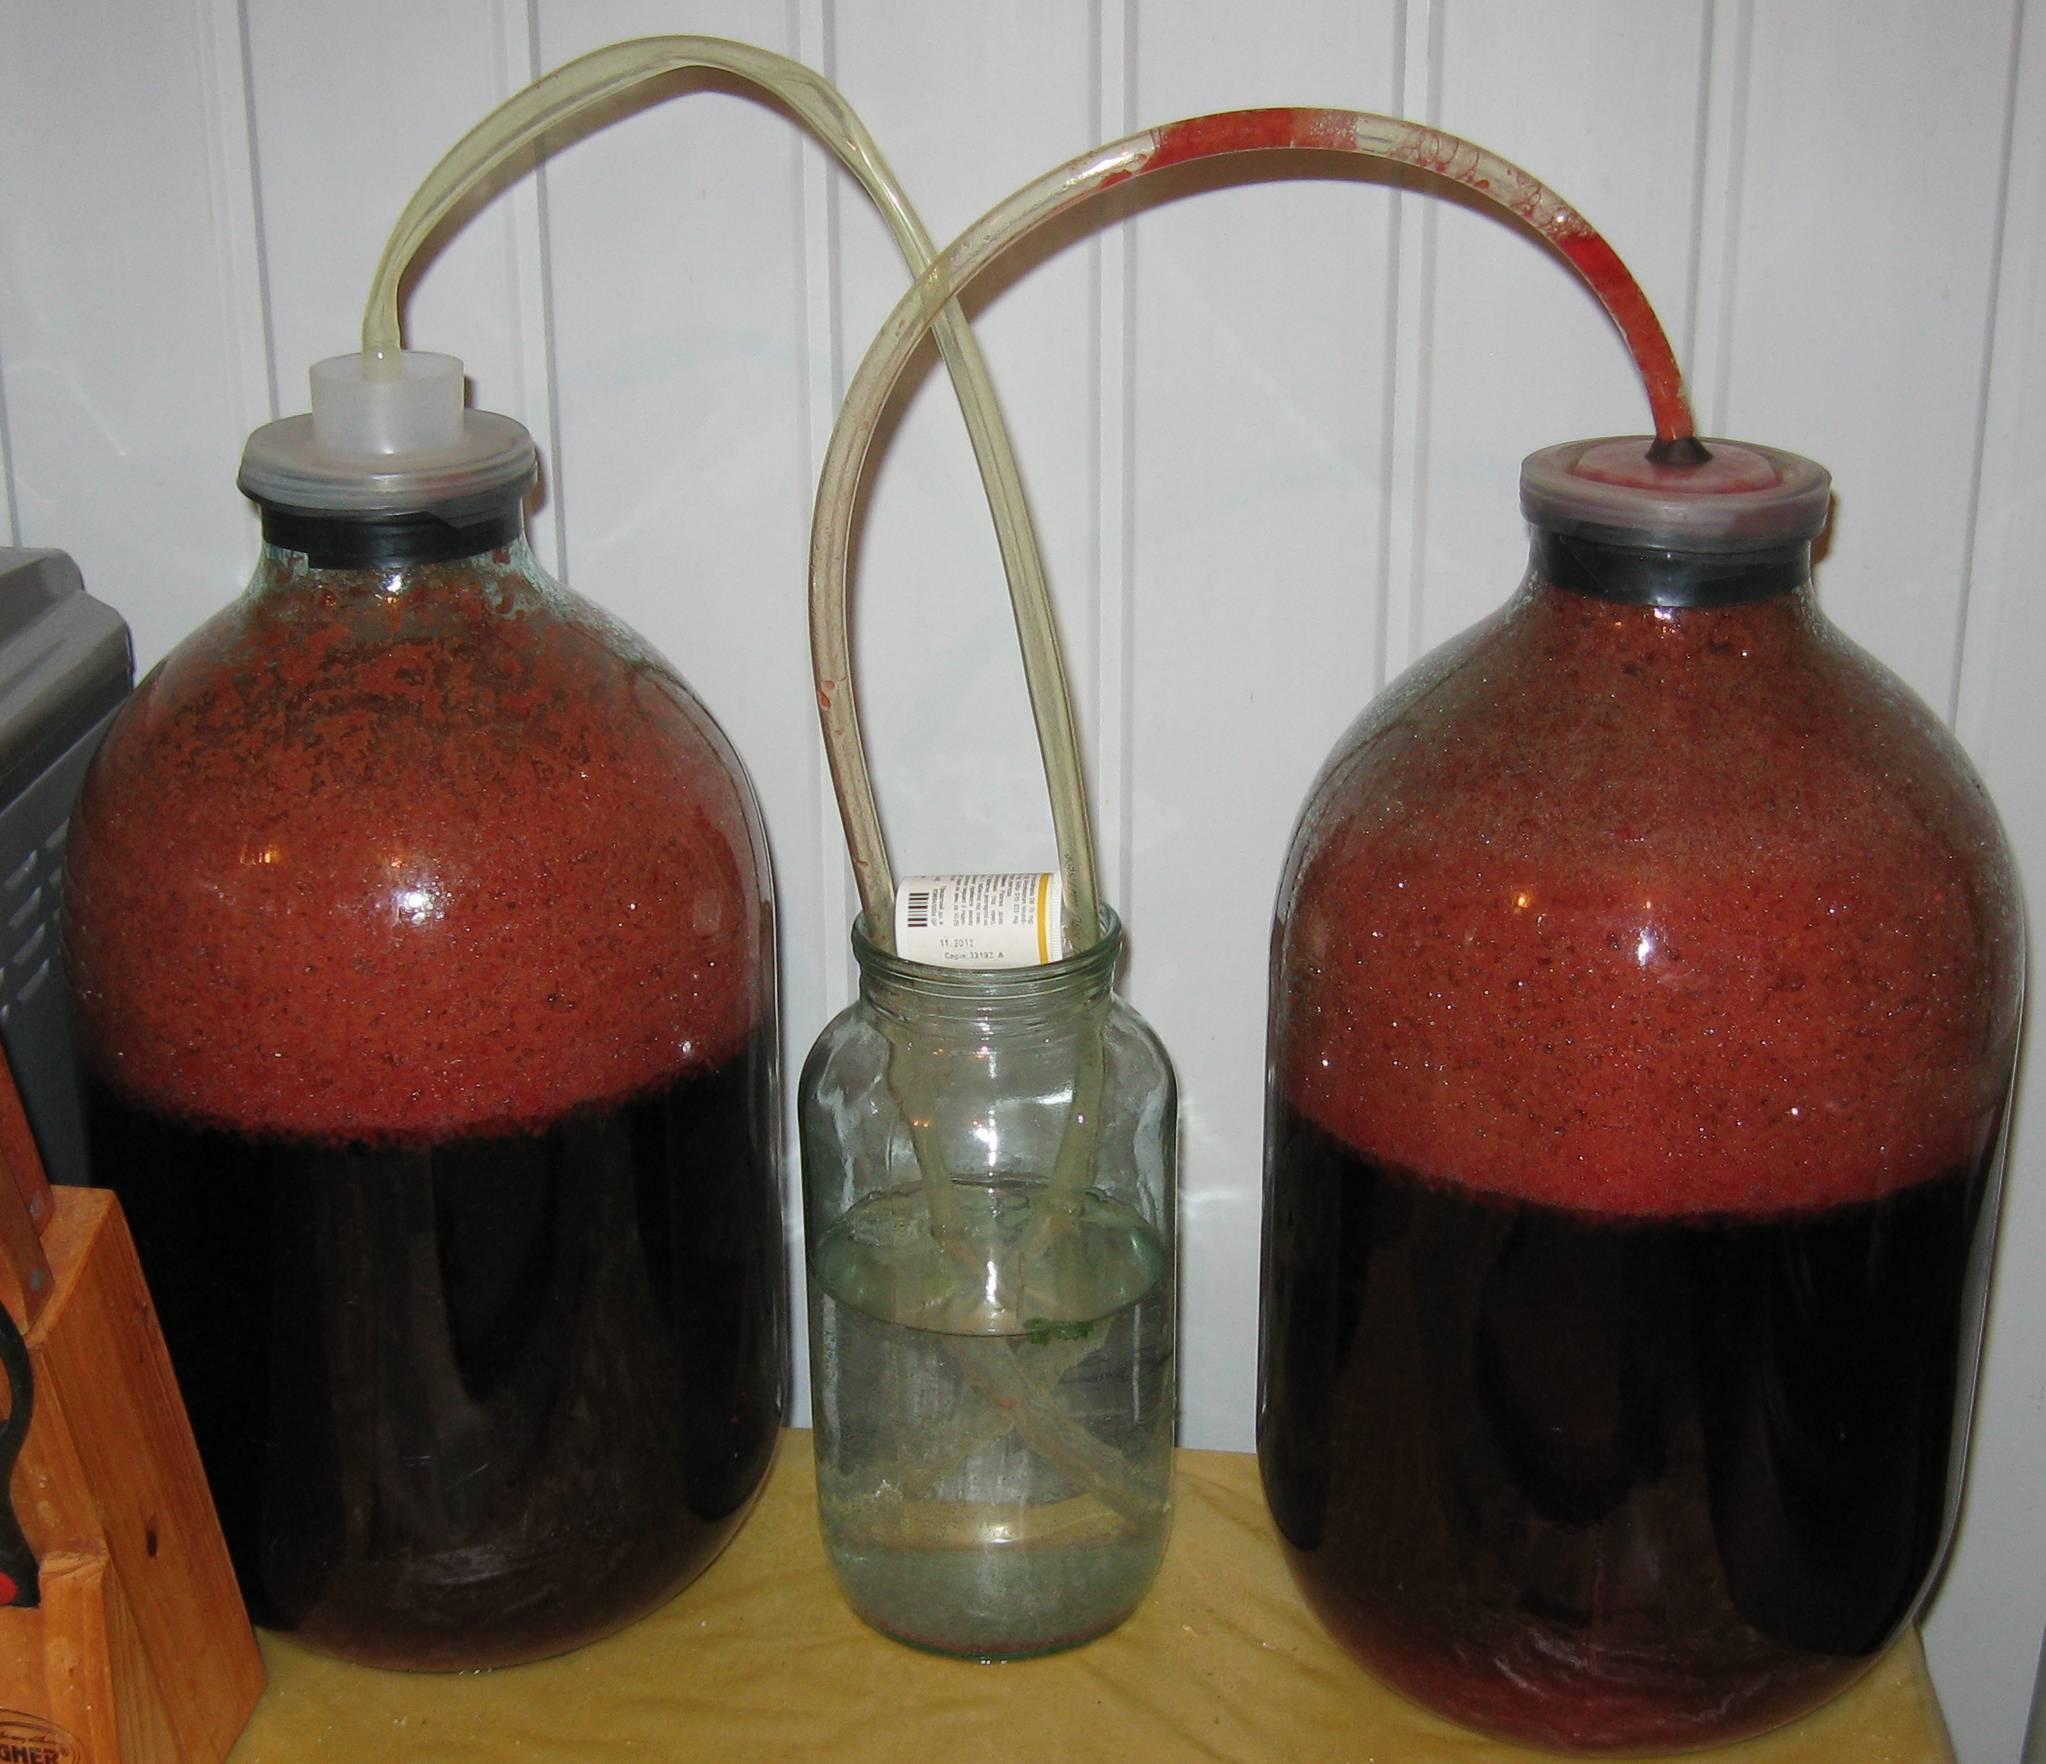 ТОП 5 способов, как можно остановить брожение вина в домашних условиях